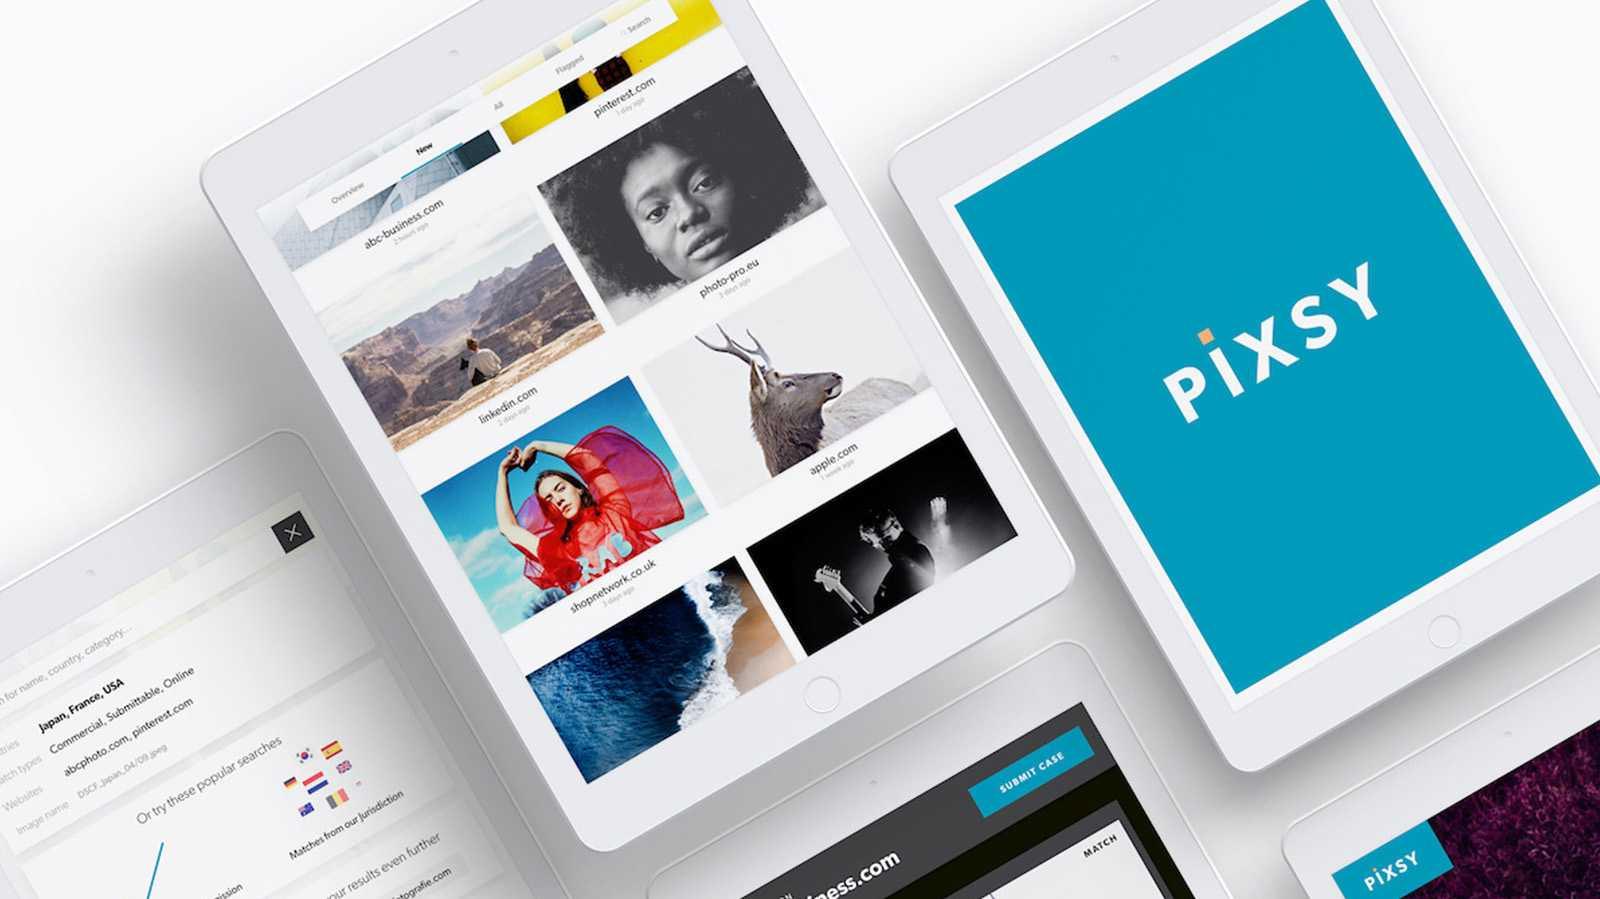 Flickr und Pixsy bekämpfen Bilderdiebstahl im Netz